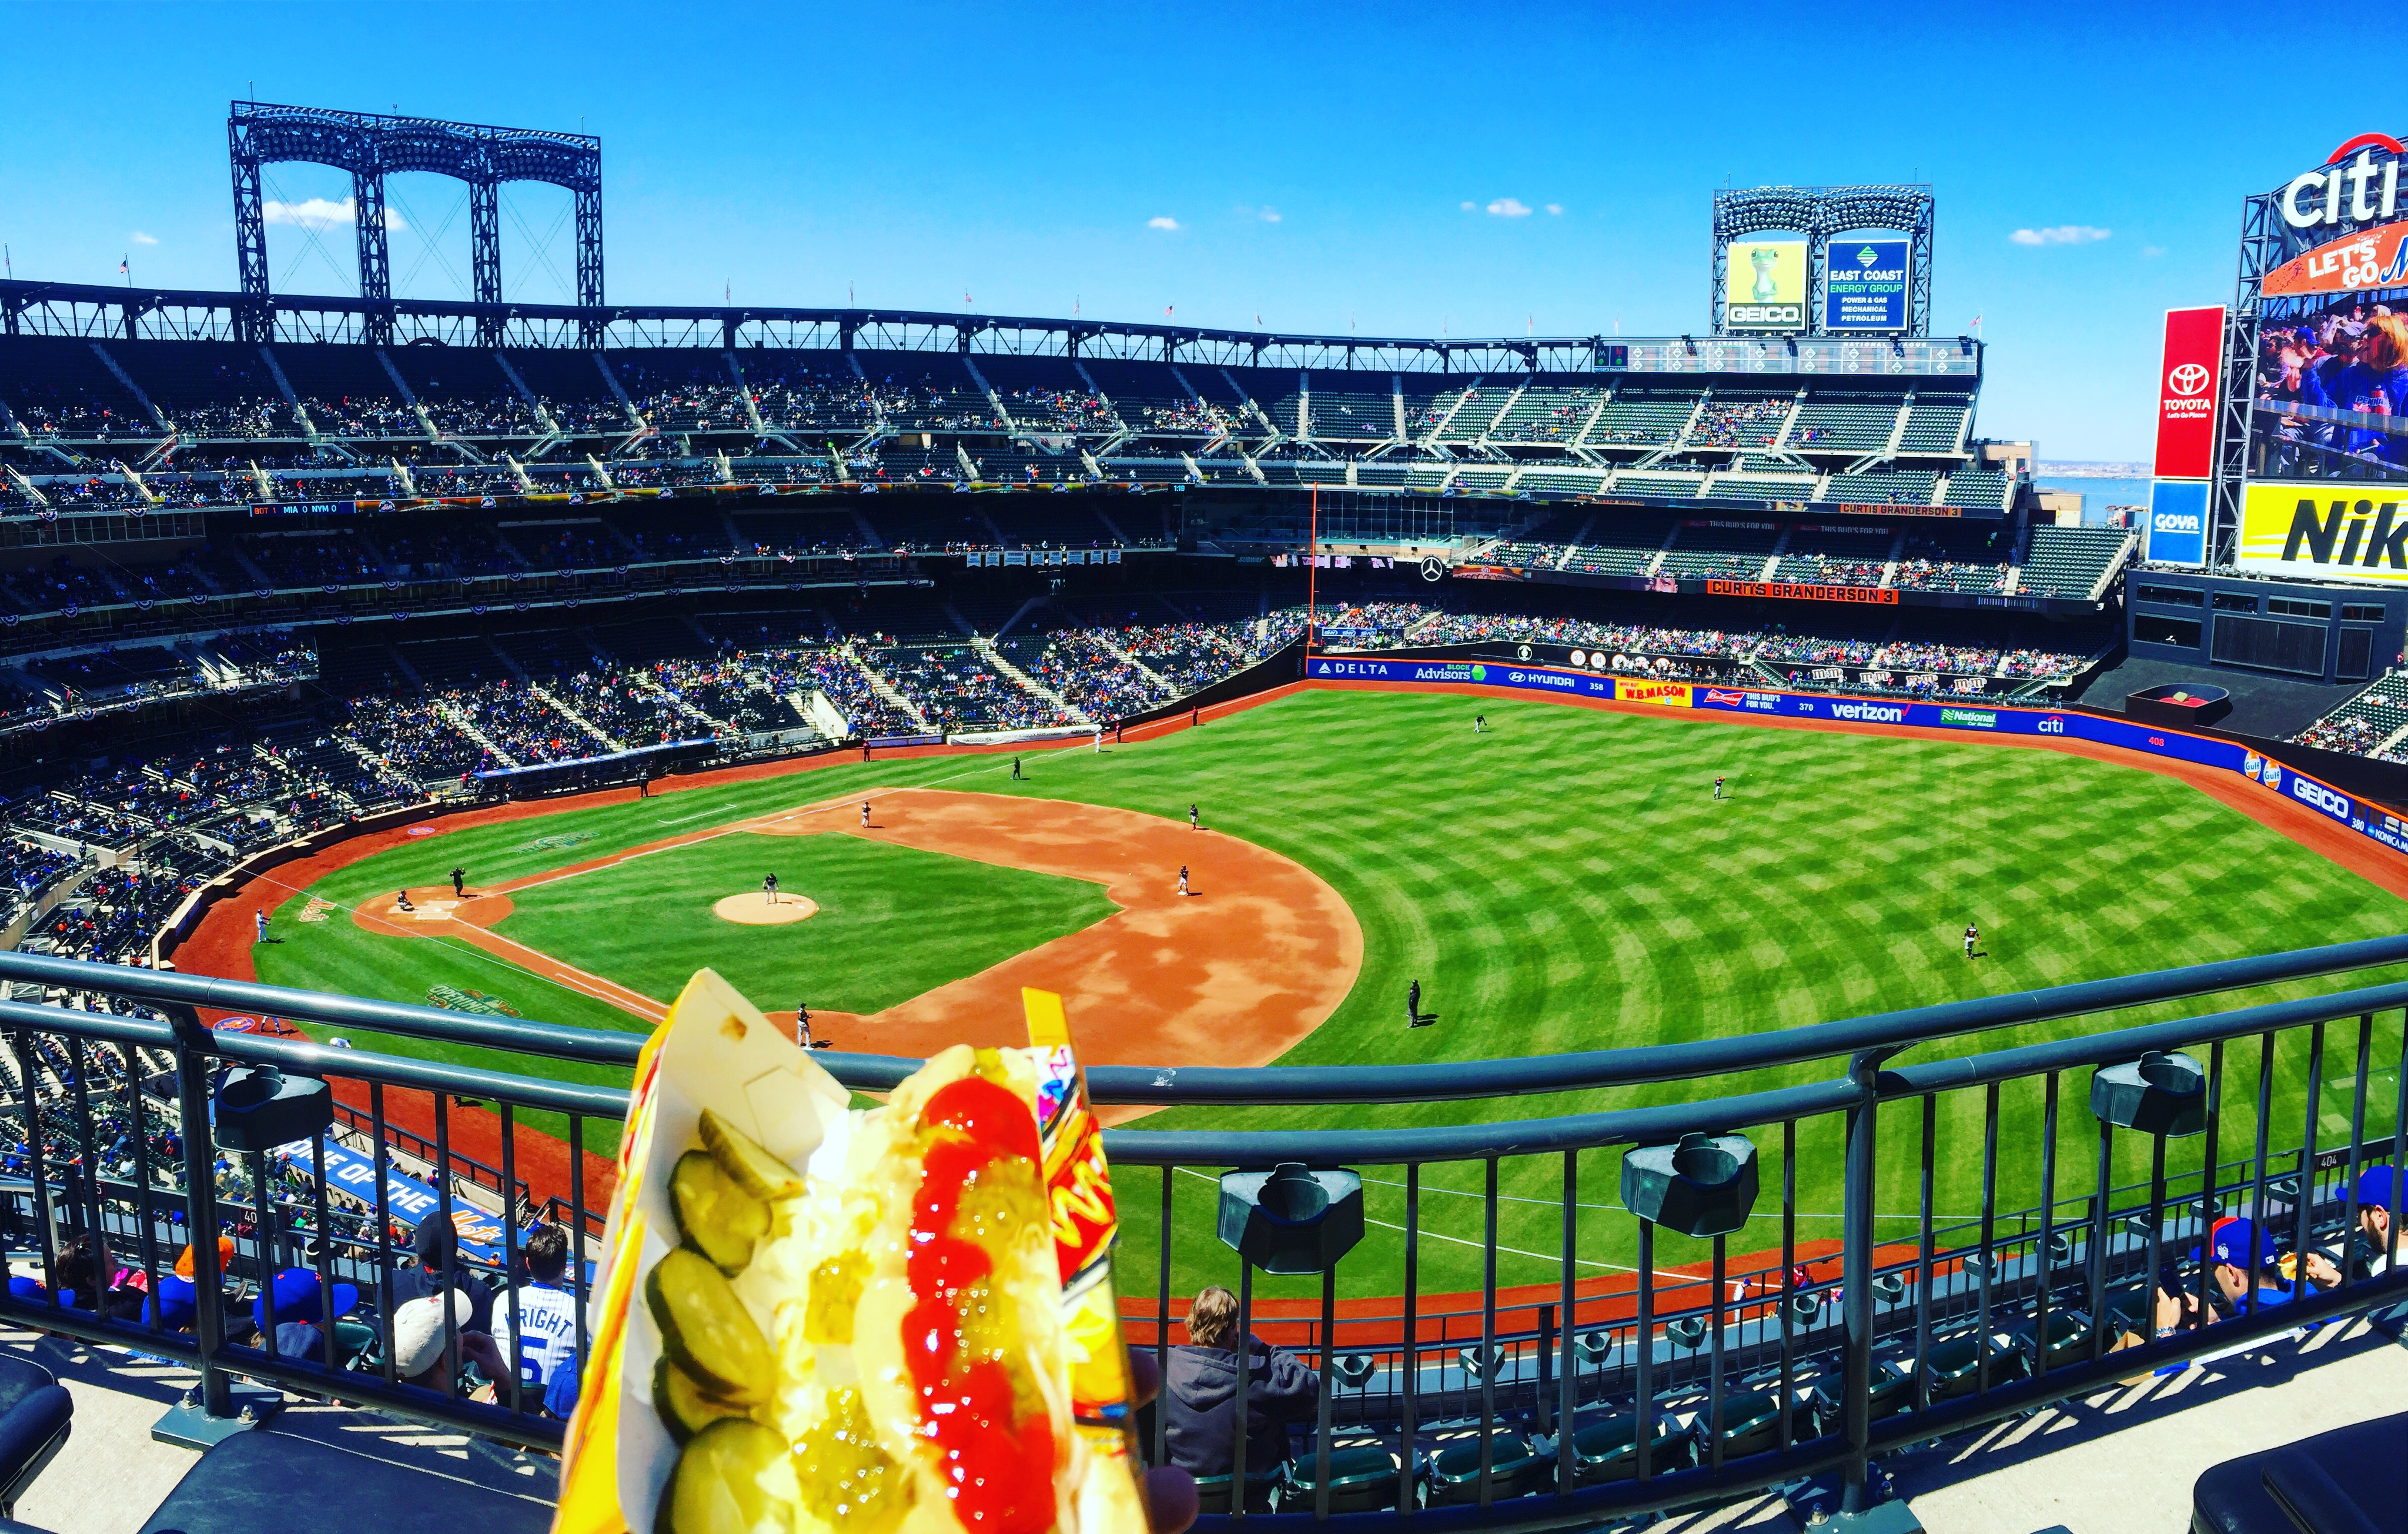 Fun times at Citi Field, NY Mets